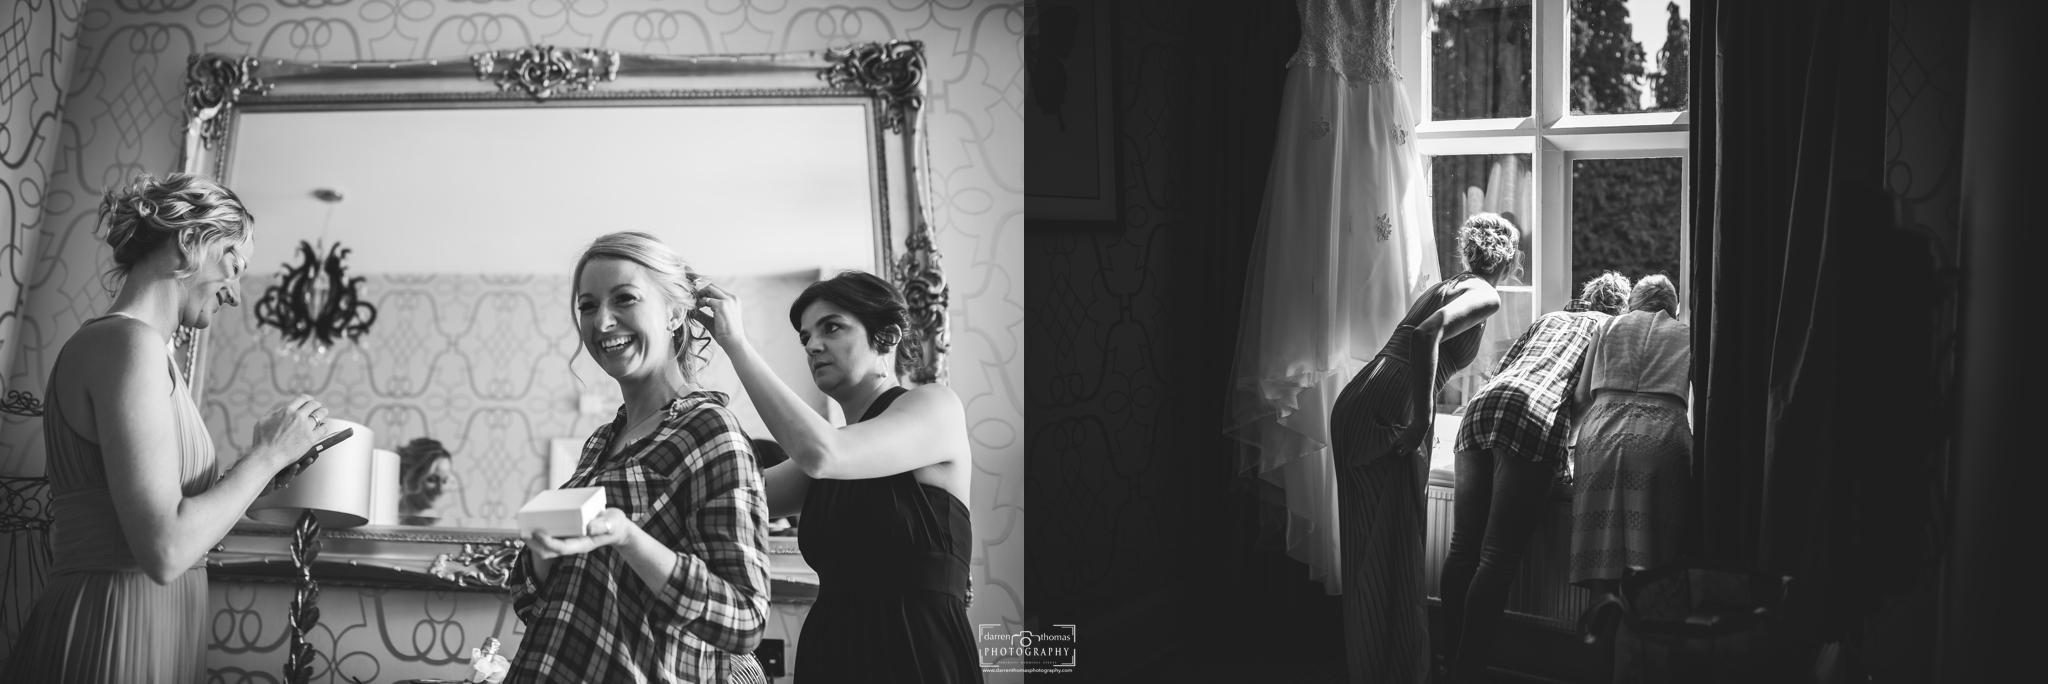 Coed y Mwster Weddings_0008.jpg